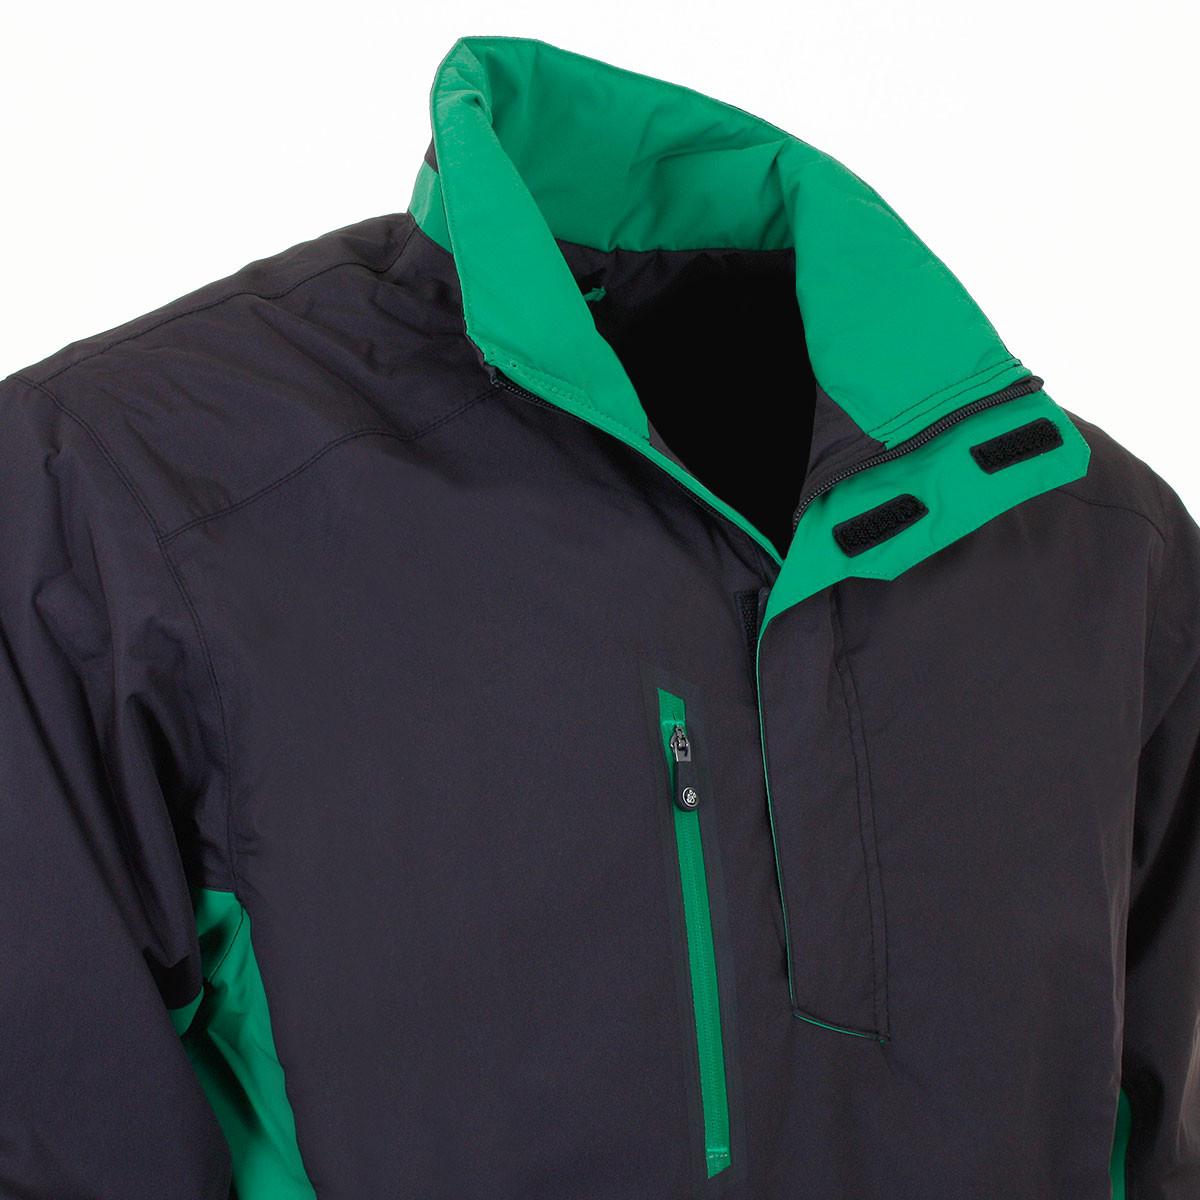 999fea7180d3 Proquip Golf Mens Ultralite Waterproof Half Zip Playing Top